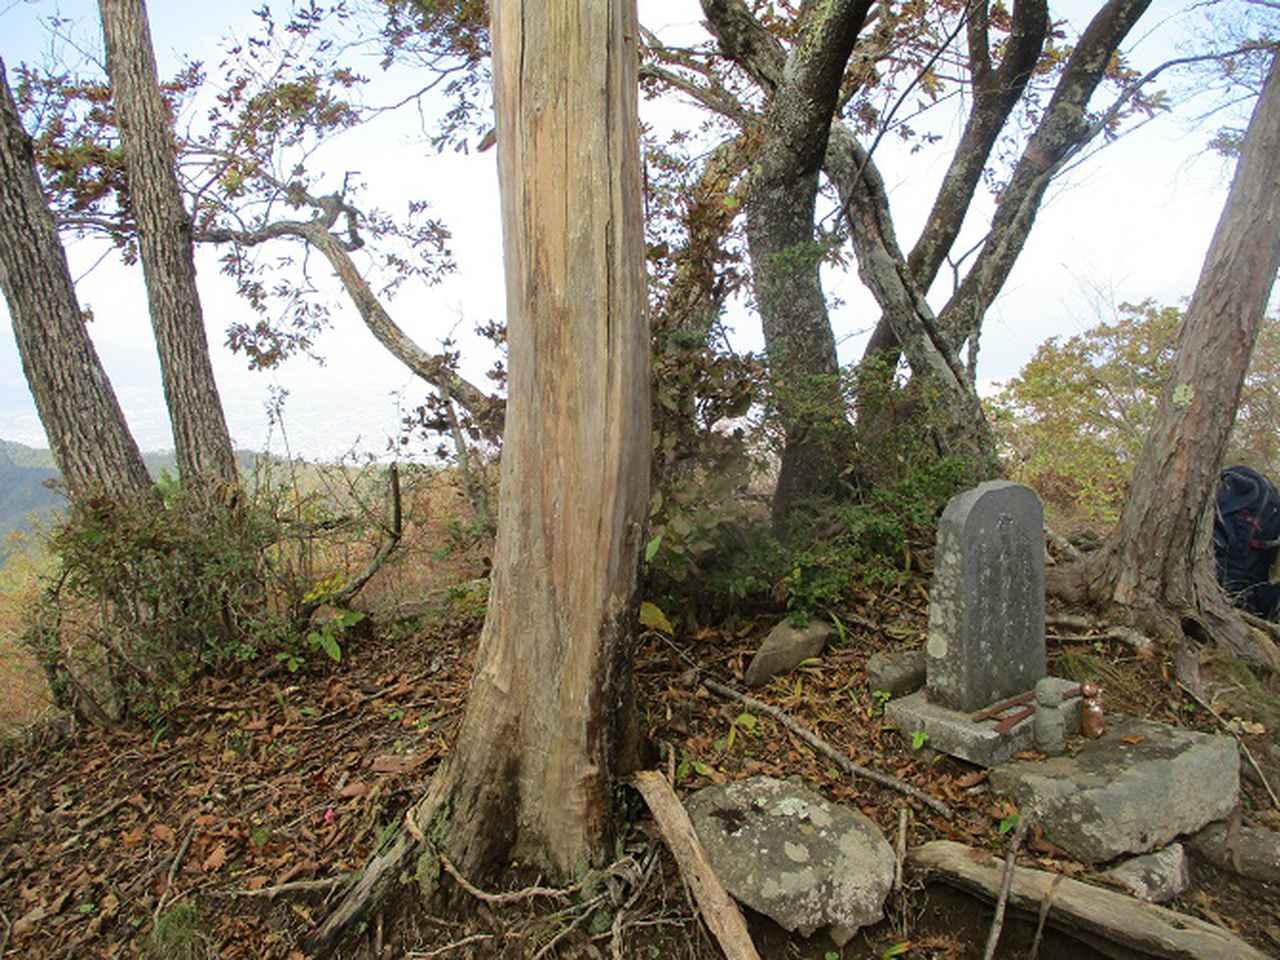 画像8: 11月の山旅会 蛾ヶ岳 の下見に行ってきました!